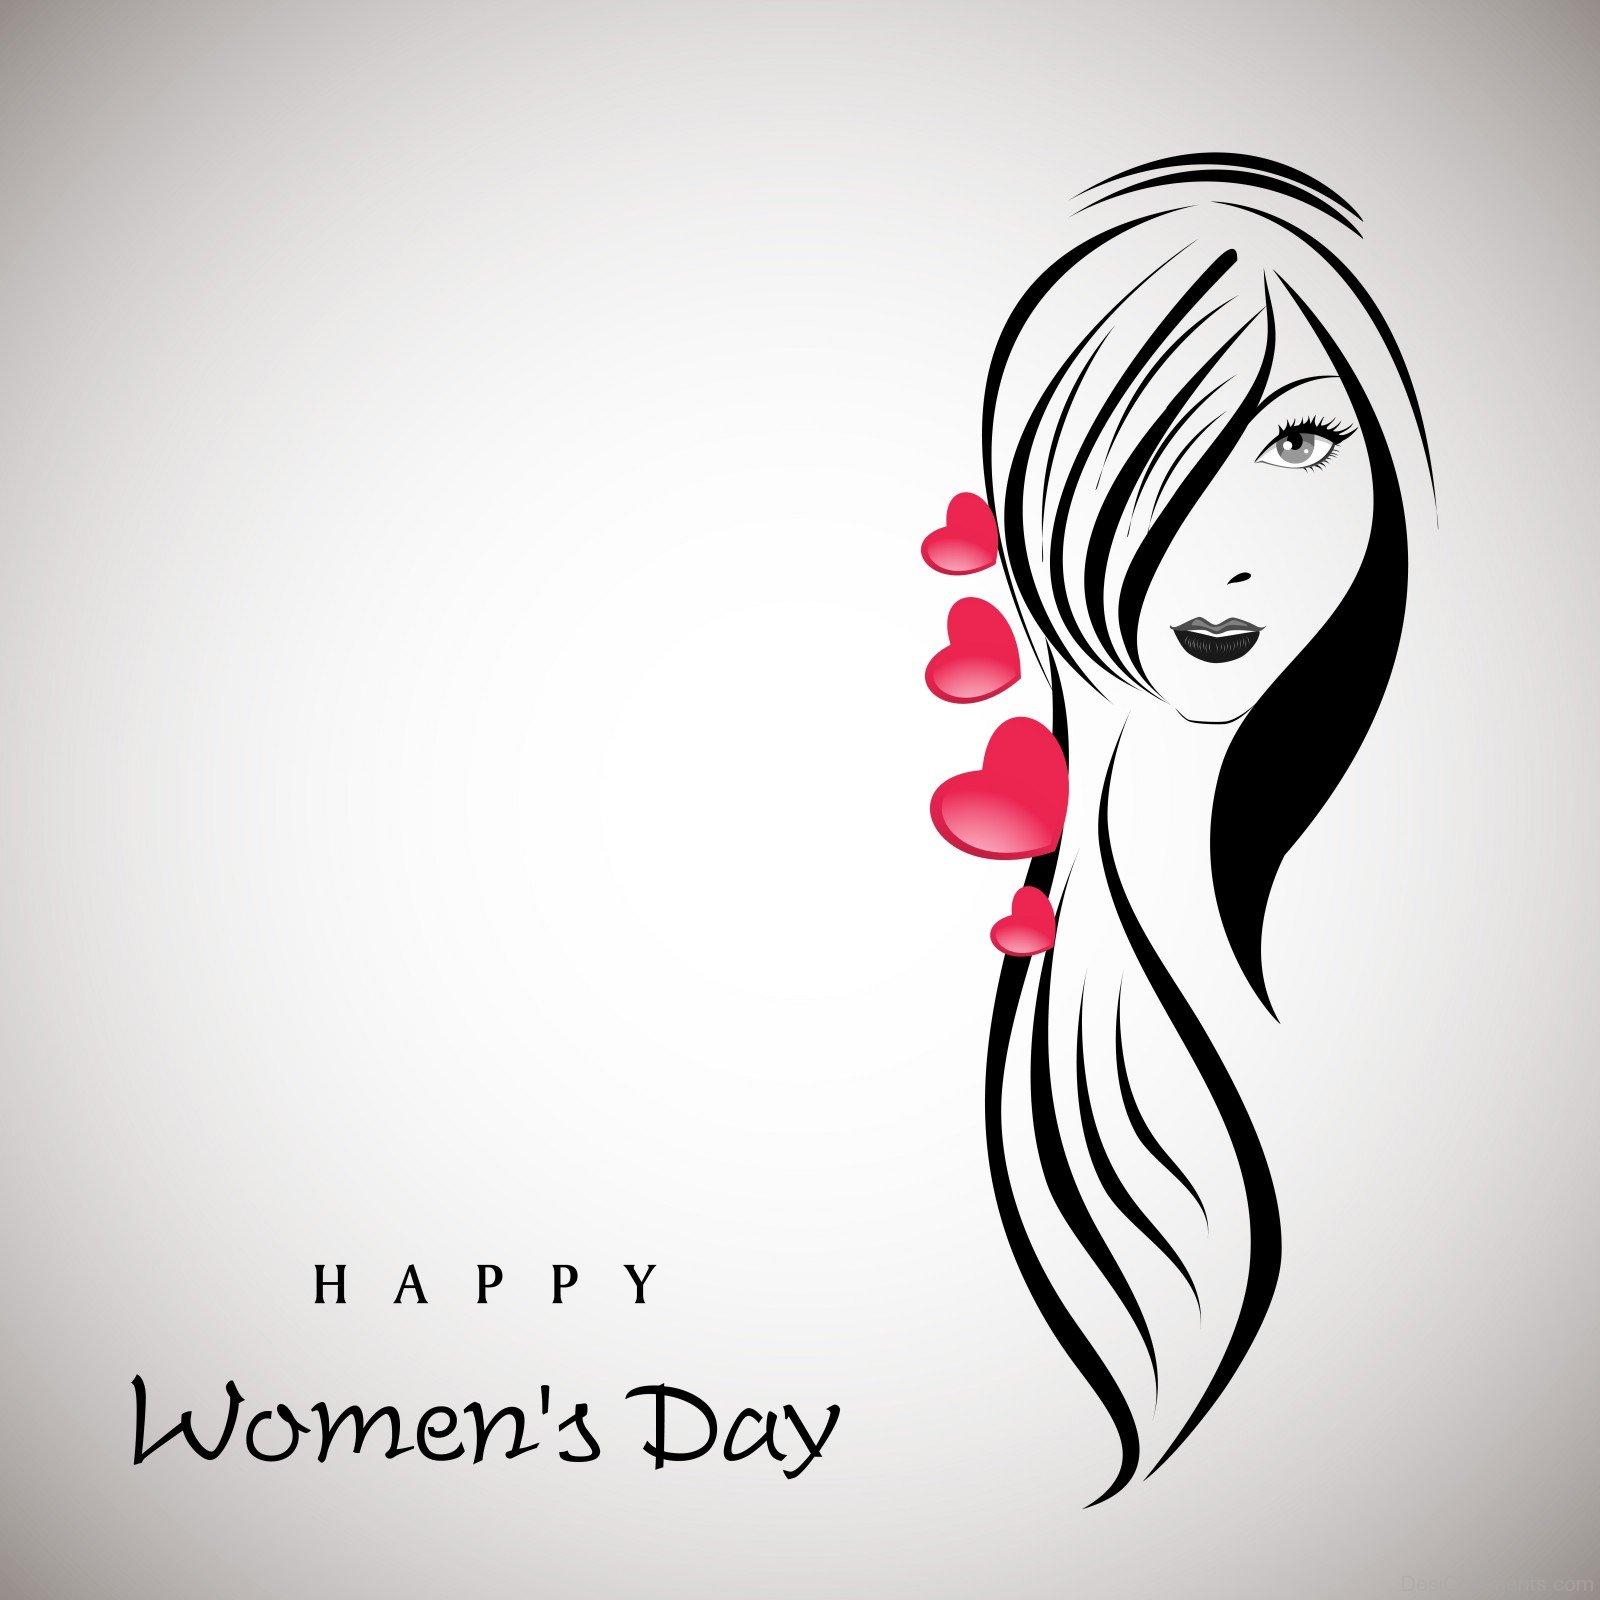 International Women's Day DP